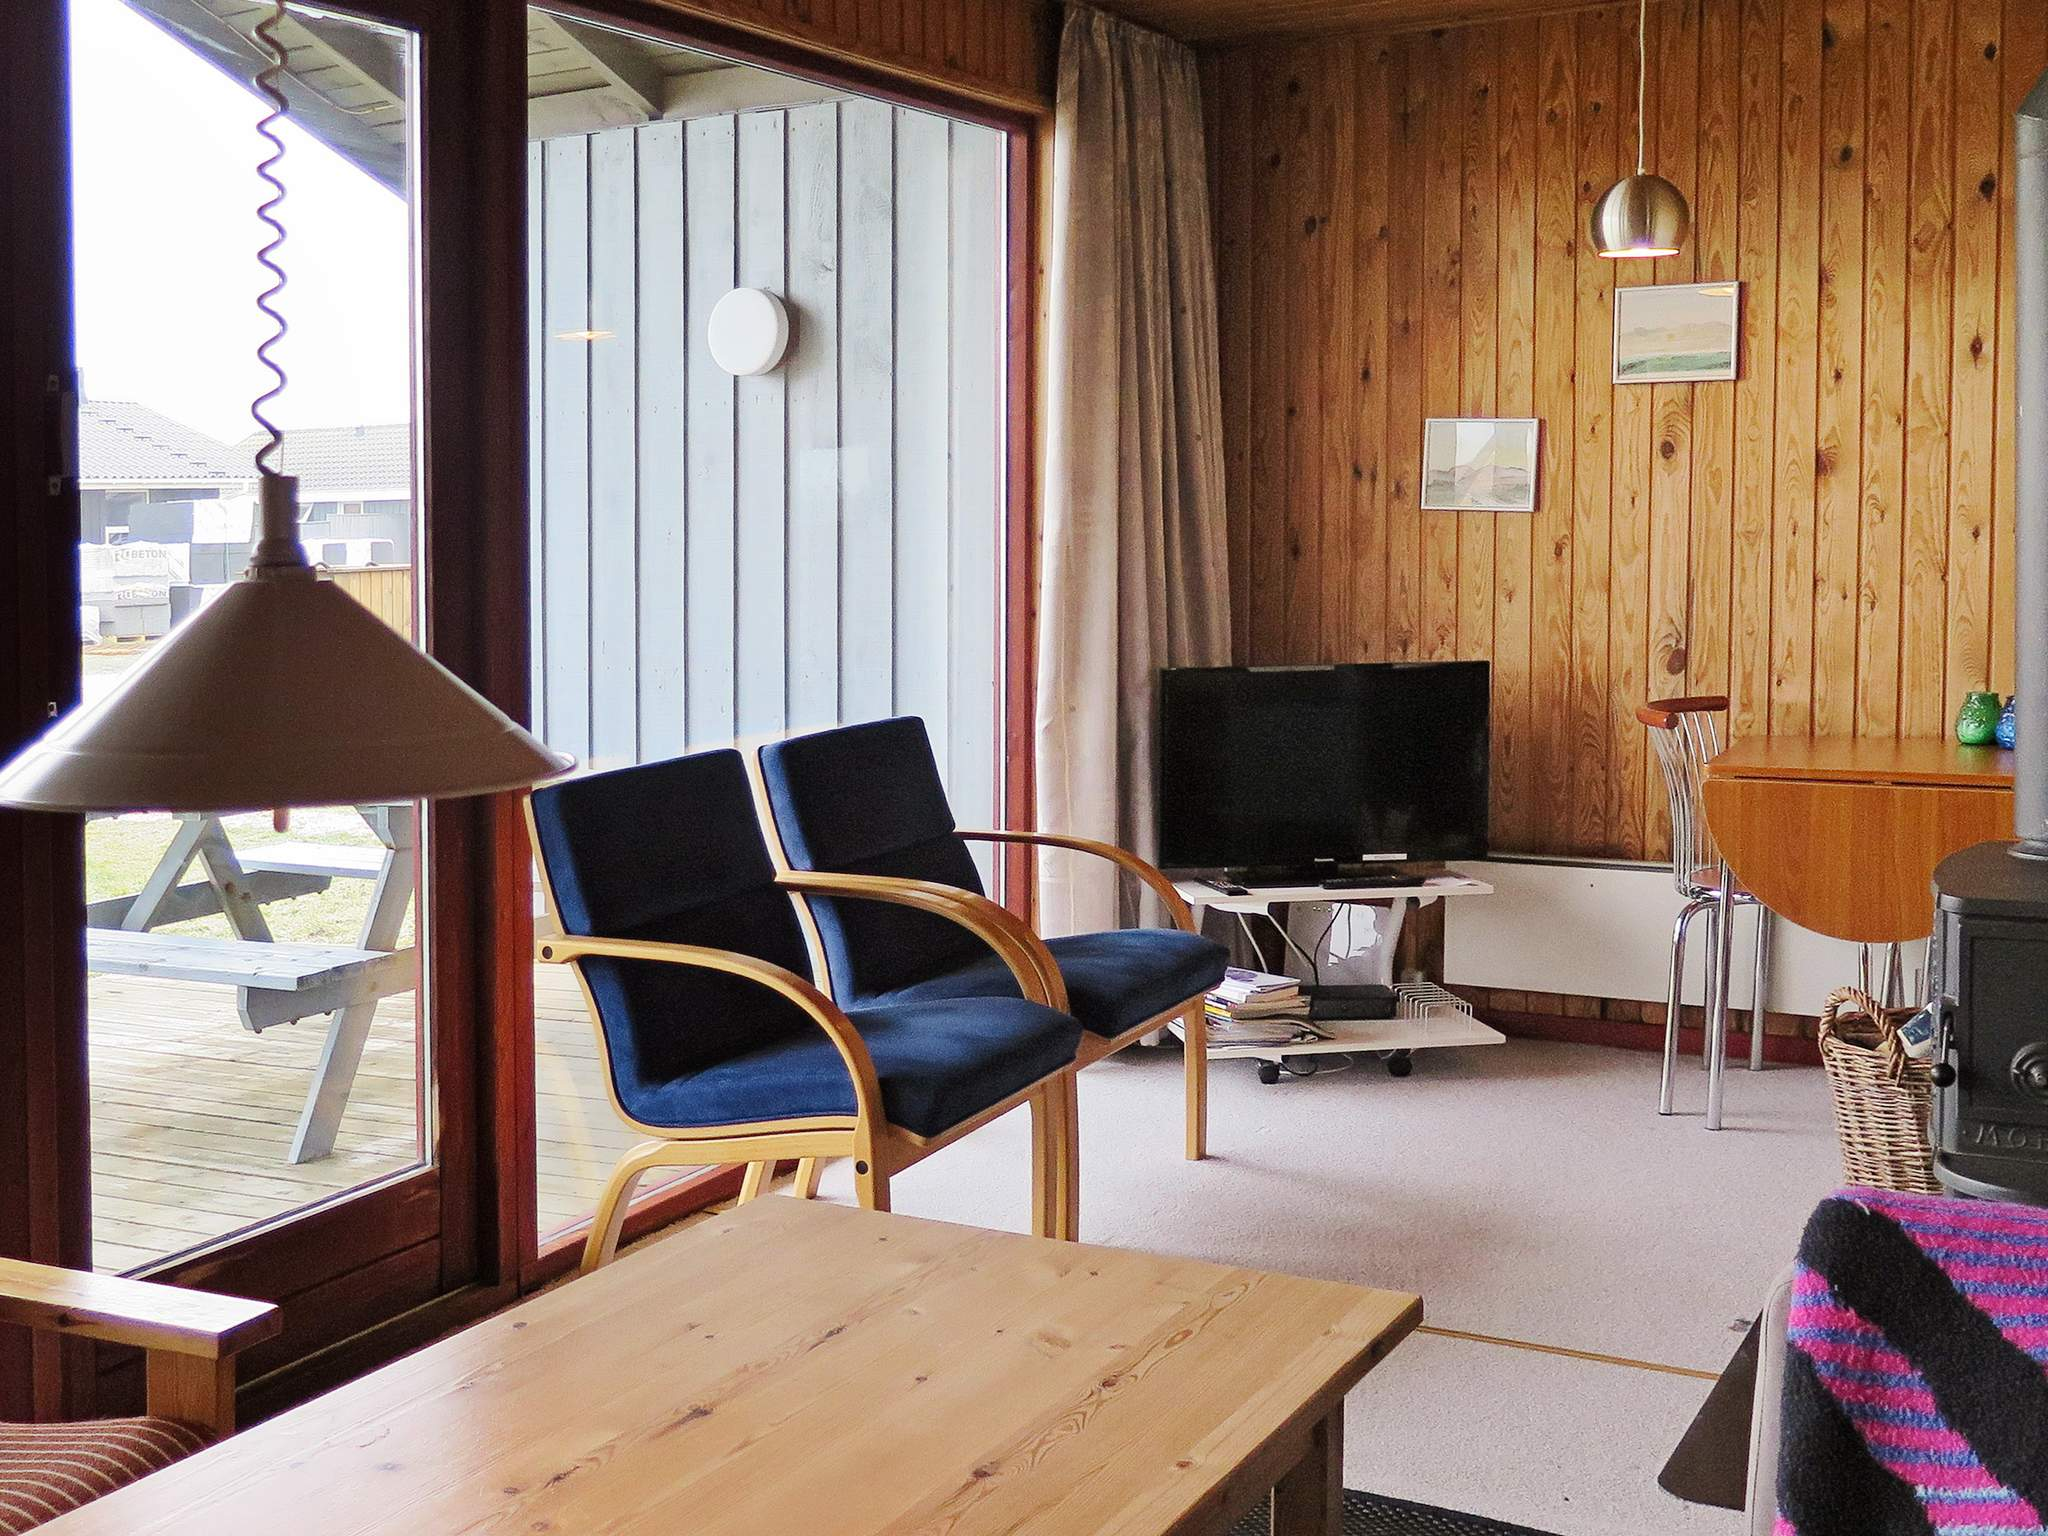 Ferienhaus Vejlby Klit (88945), Harboøre, , Limfjord, Dänemark, Bild 3